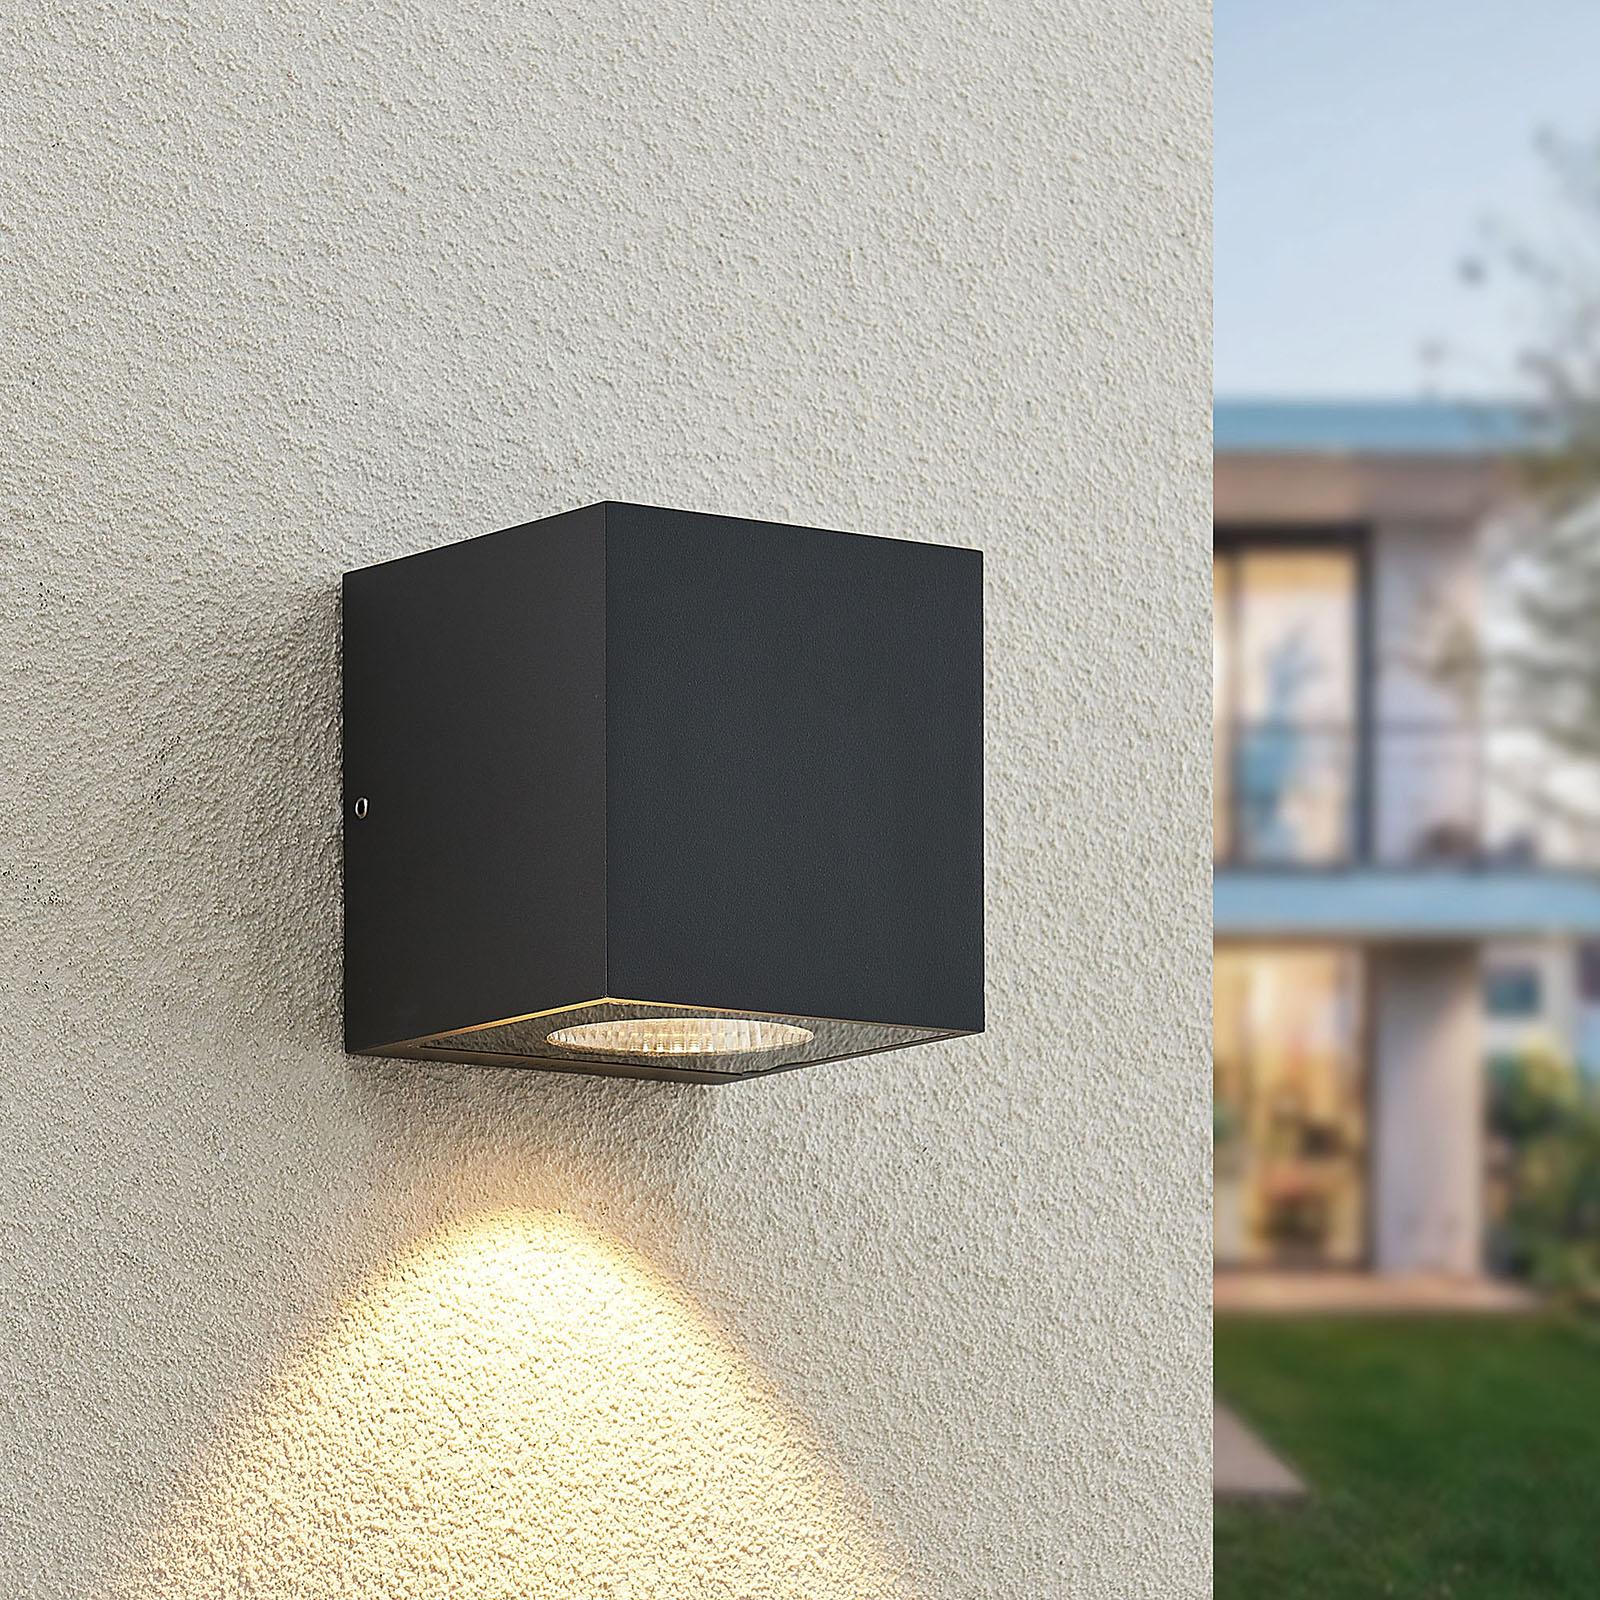 Arcchio Tassnim udendørs LED-væglampe grafit 1 lk.